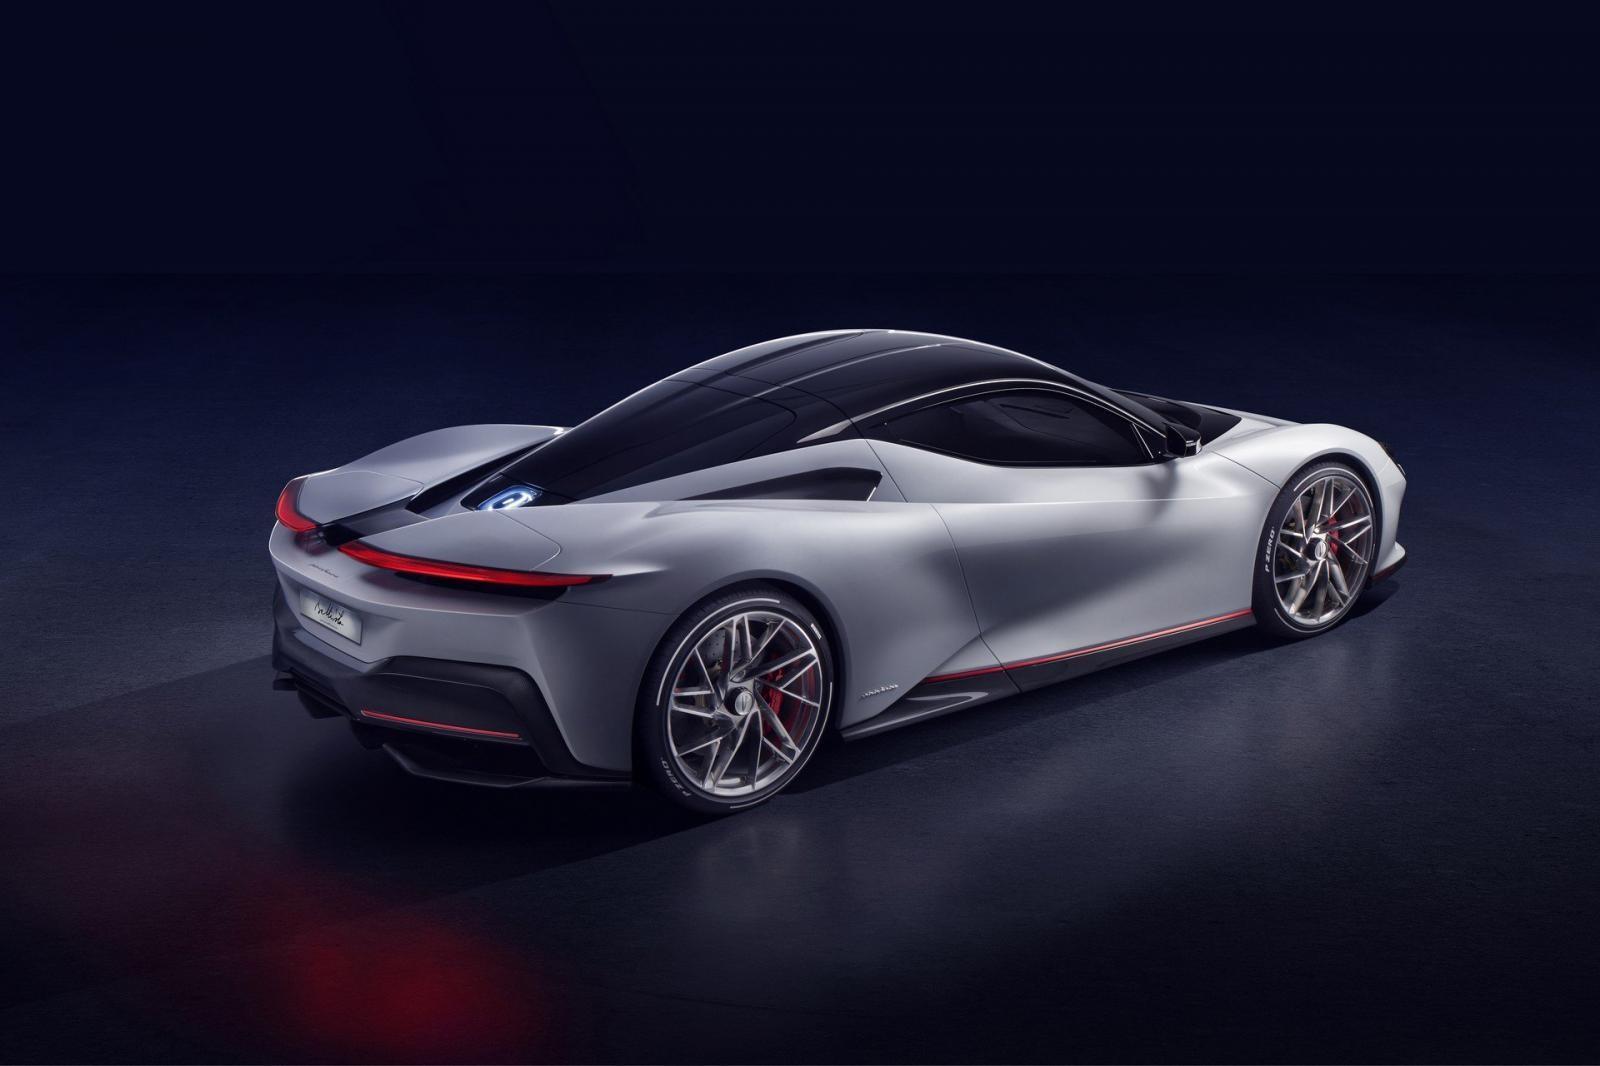 Battista có một thiết kế bắt mắt và đúng chất siêu xe